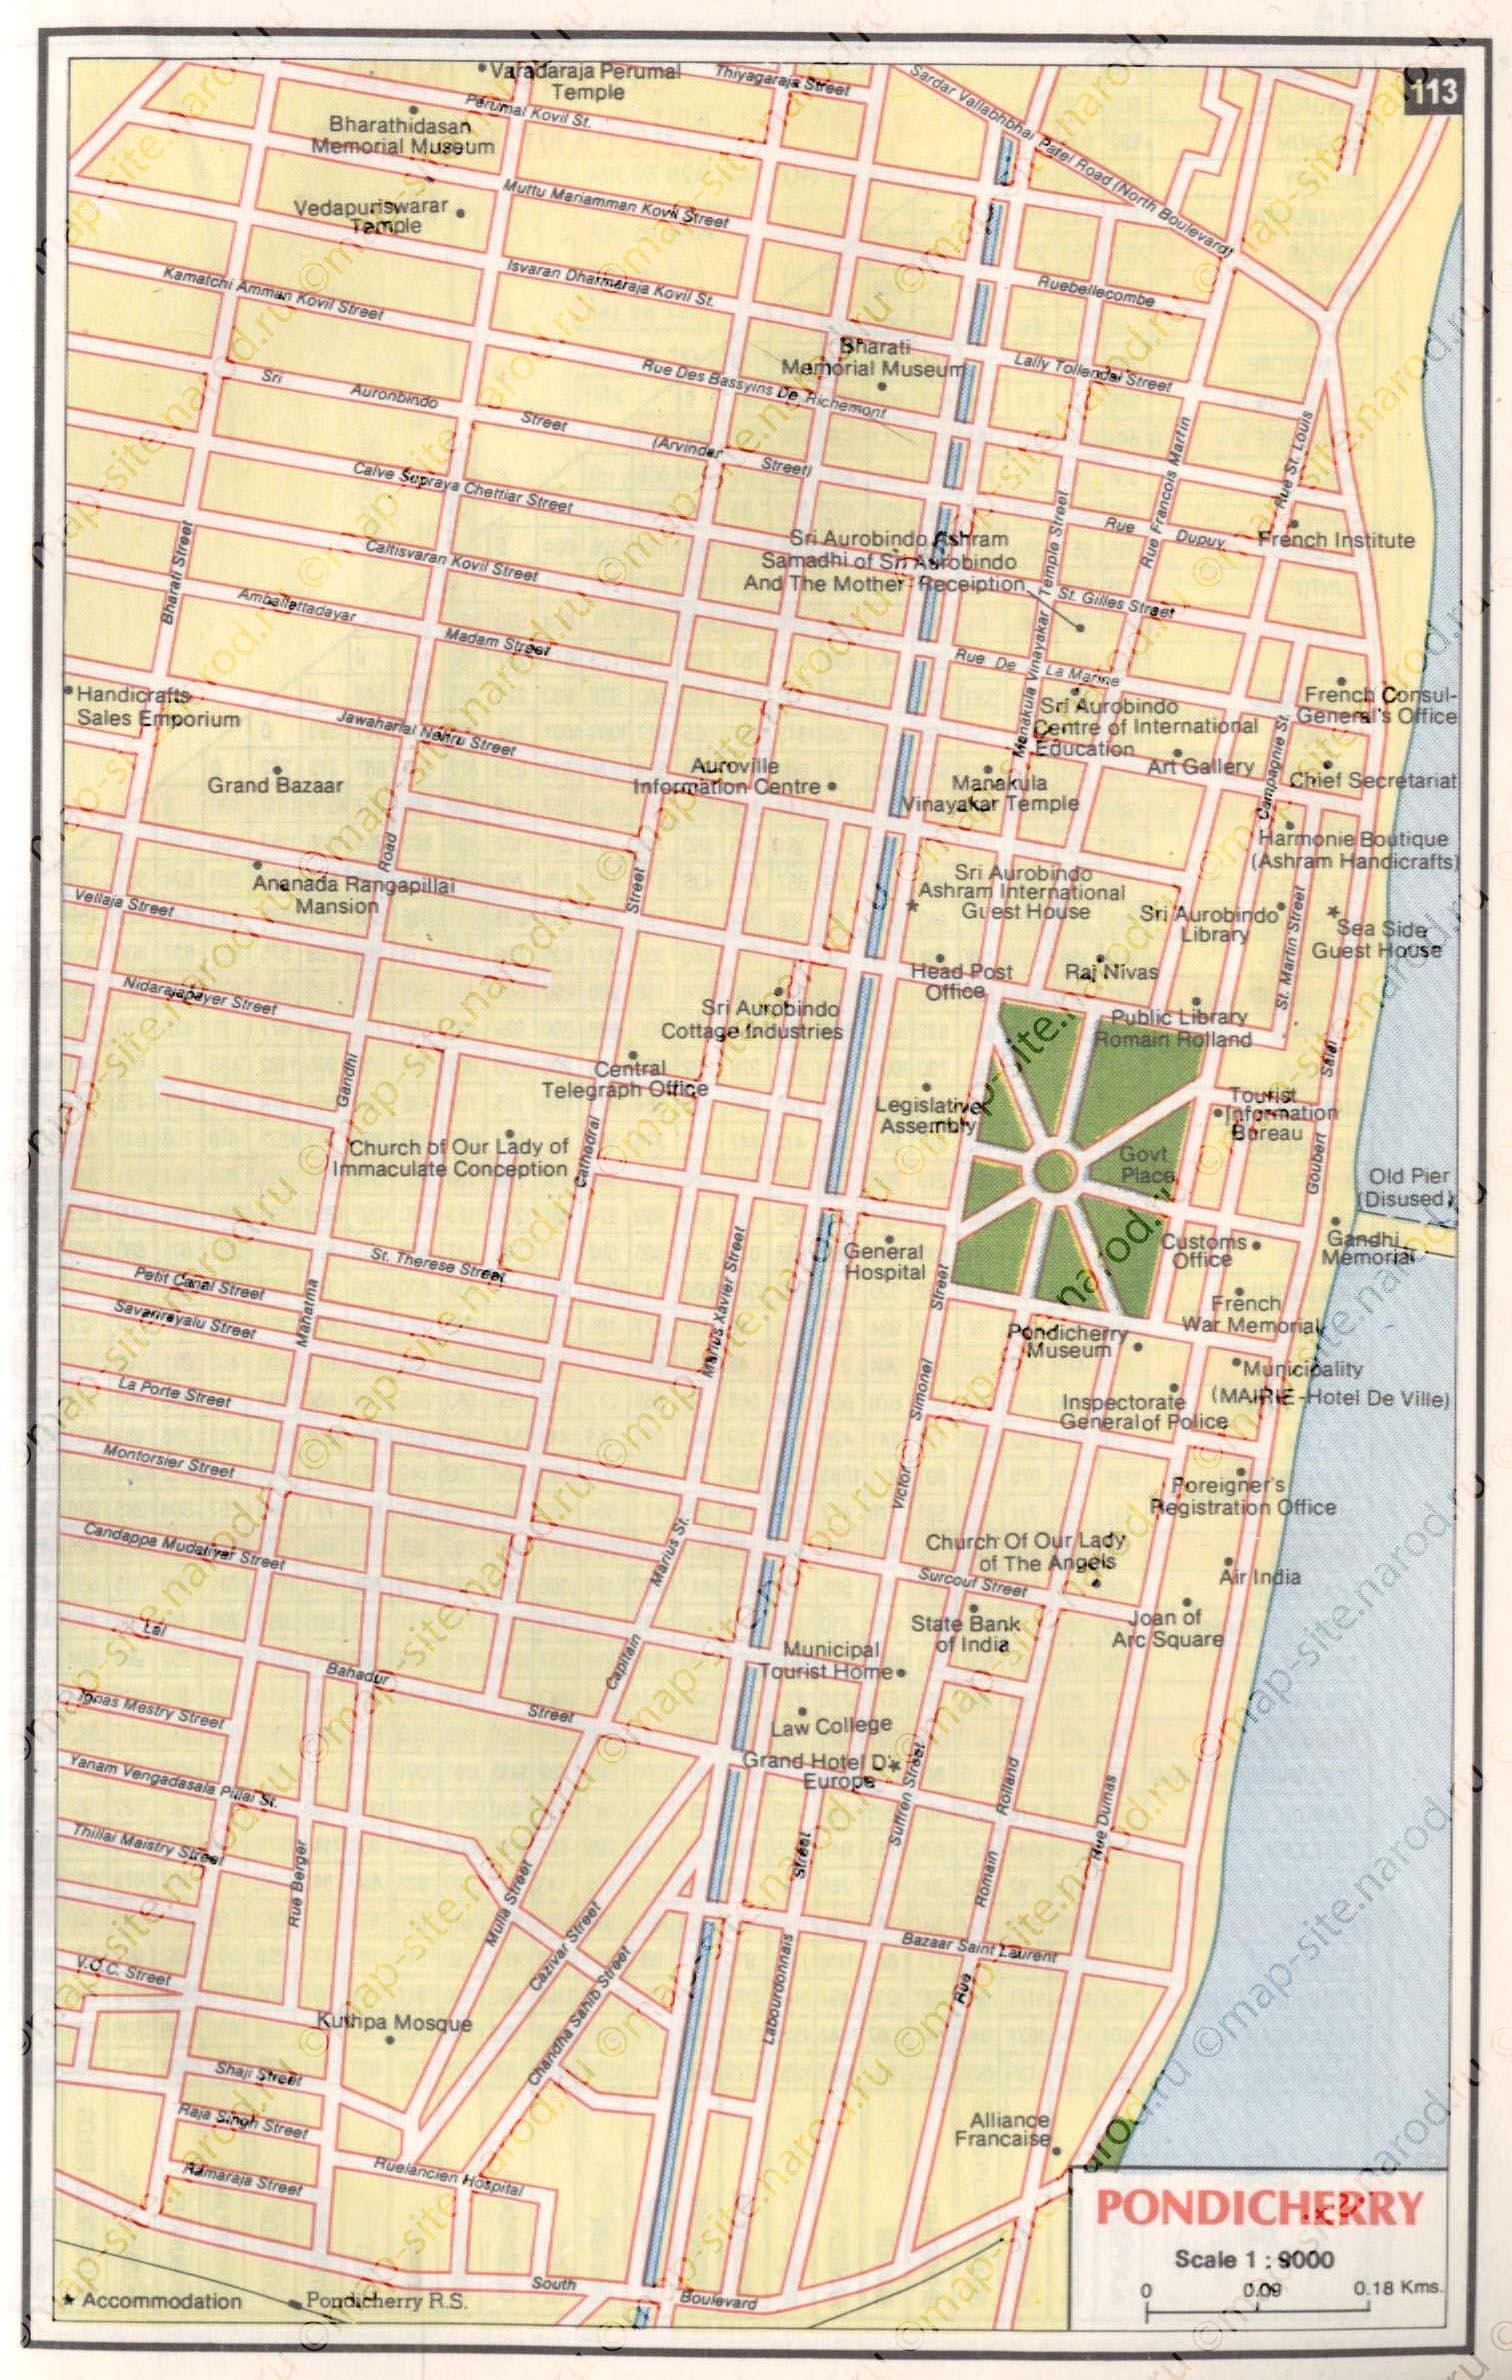 Maps Of Pondicherry - Pondicherry map